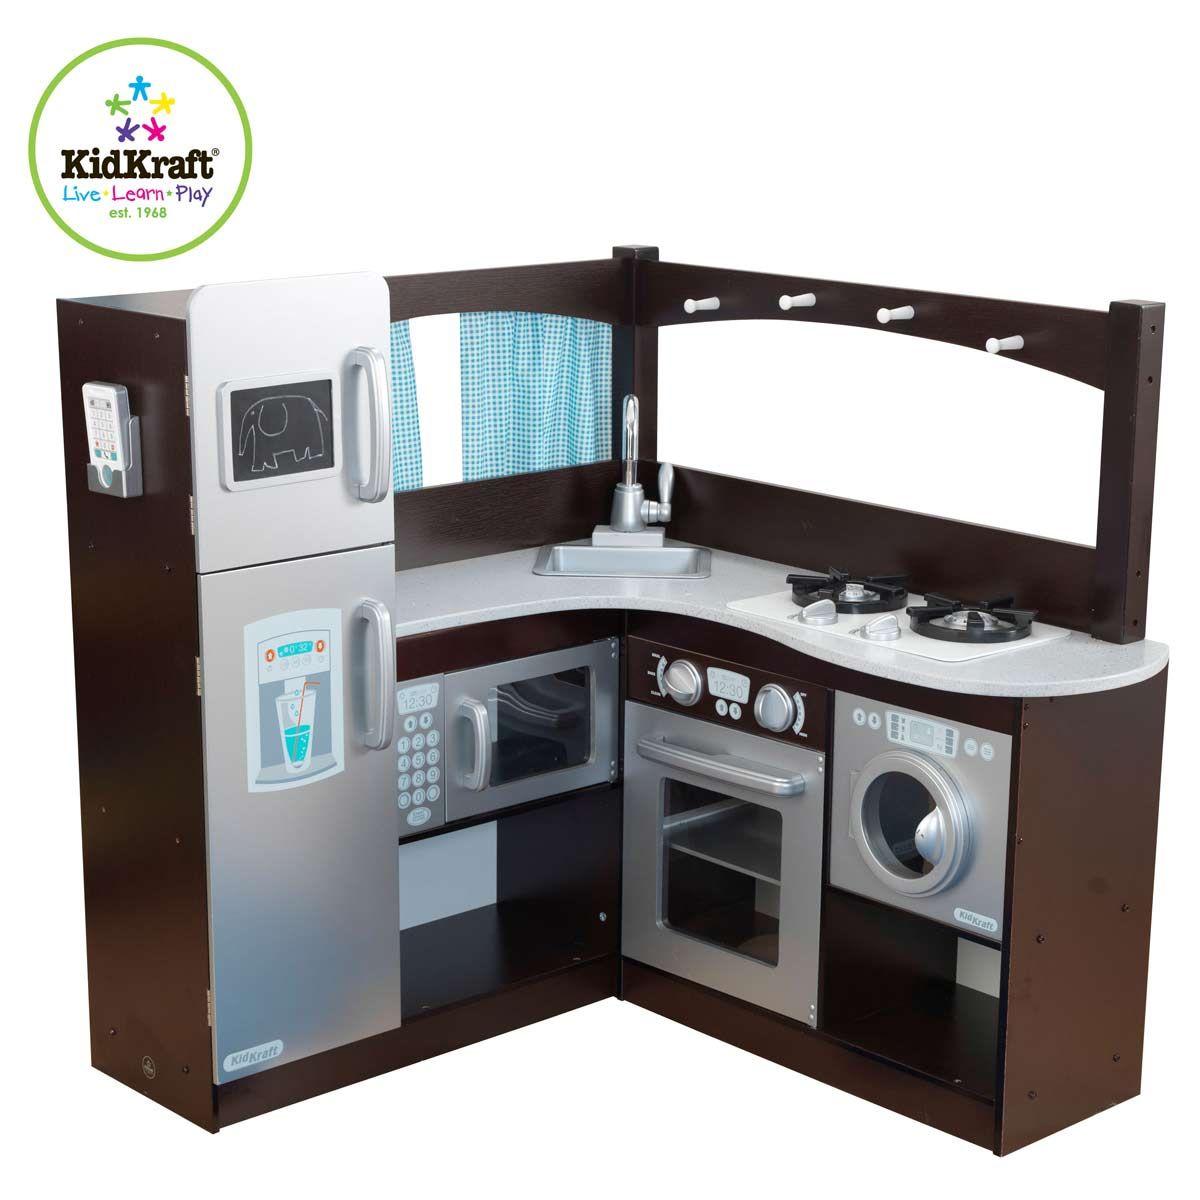 Kidkraft 53302 cucina espresso ad angolo da papers dreams a 229 90 giocattoli di papers - Macchina per cucinare ...